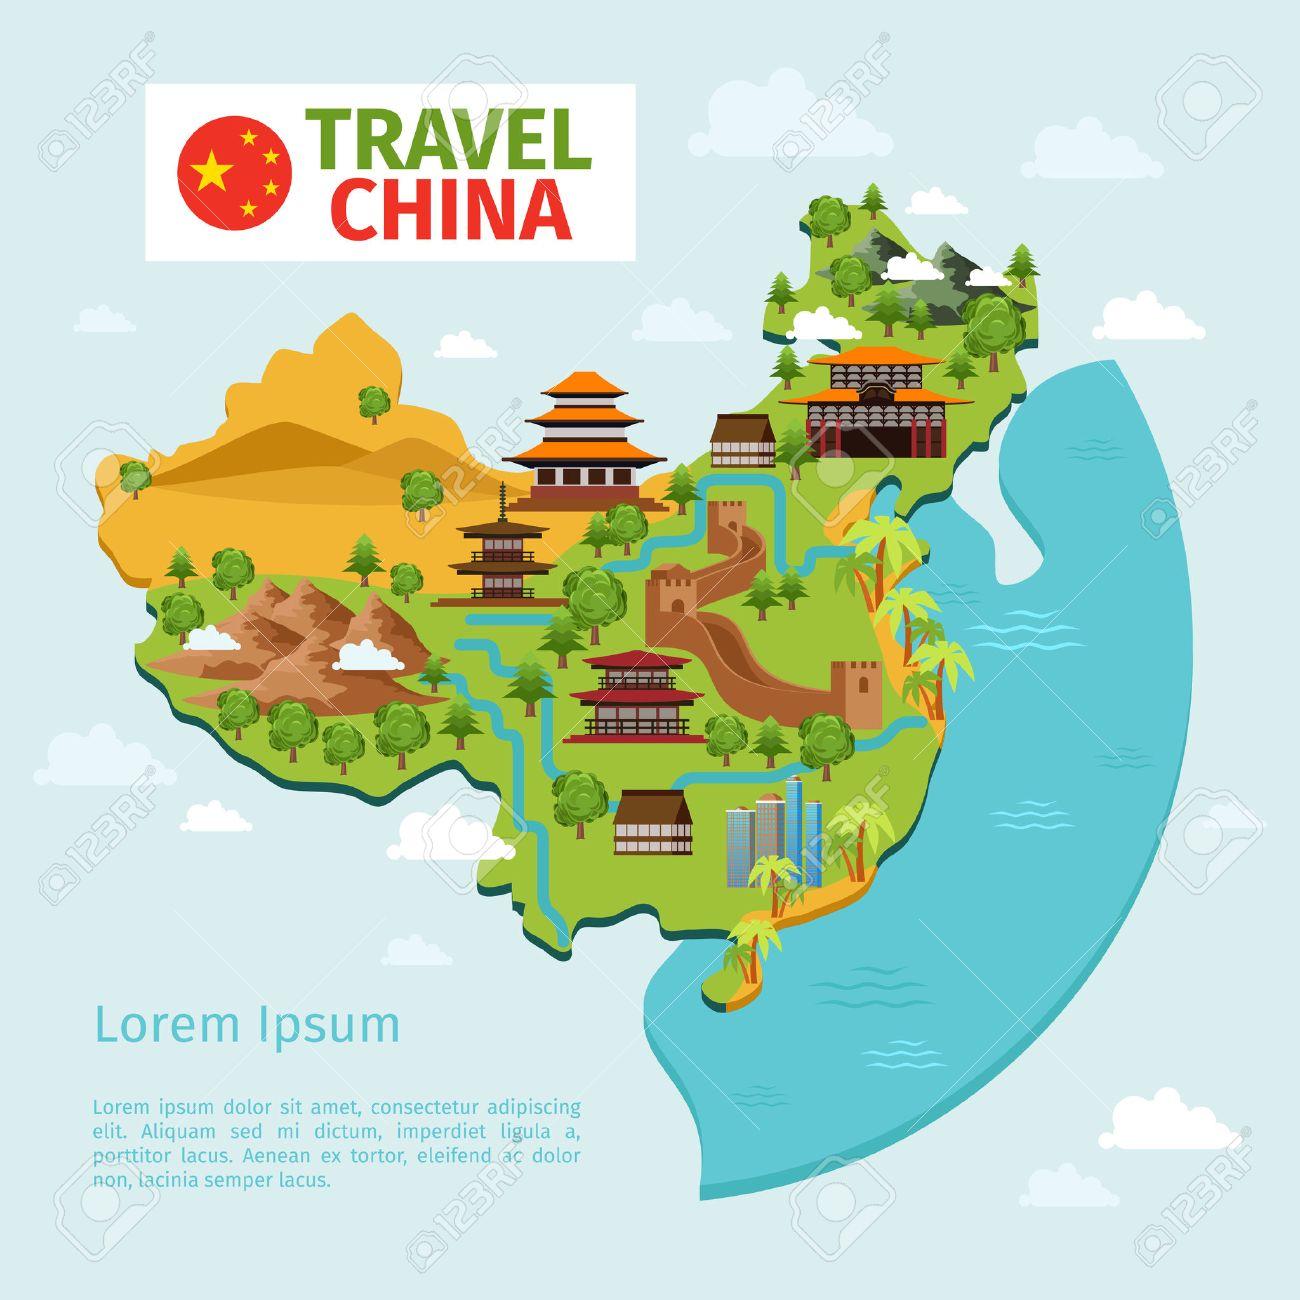 Carte Chine Voyage.Chine Voyage Carte Vectorielle Avec Des Reperes Traditionnels Chinois Culture Est Asiatique Le Tourisme Du Pays Chine Carte Voyage Illustration